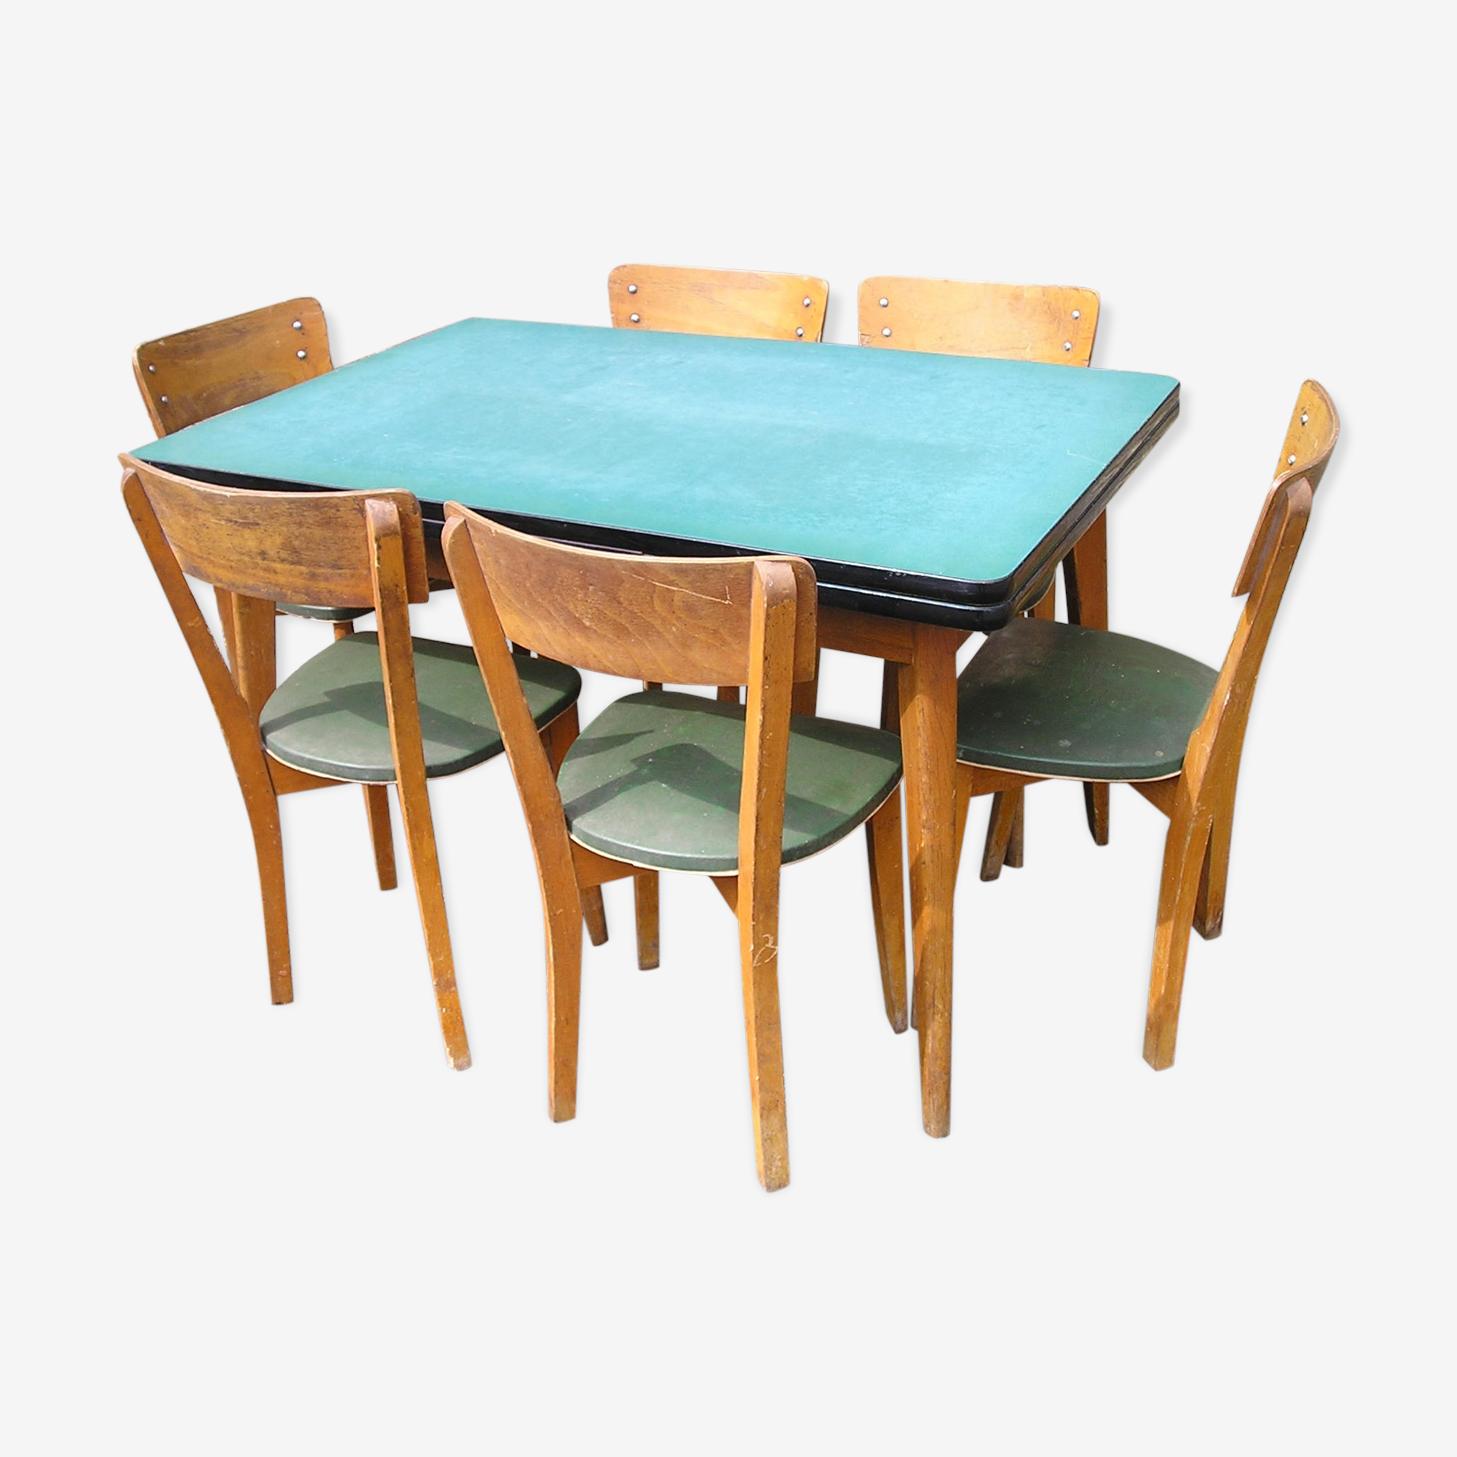 Ensemble salle à manger, table formica à l'italienne avec ses 6 chaises skai vert, années 50